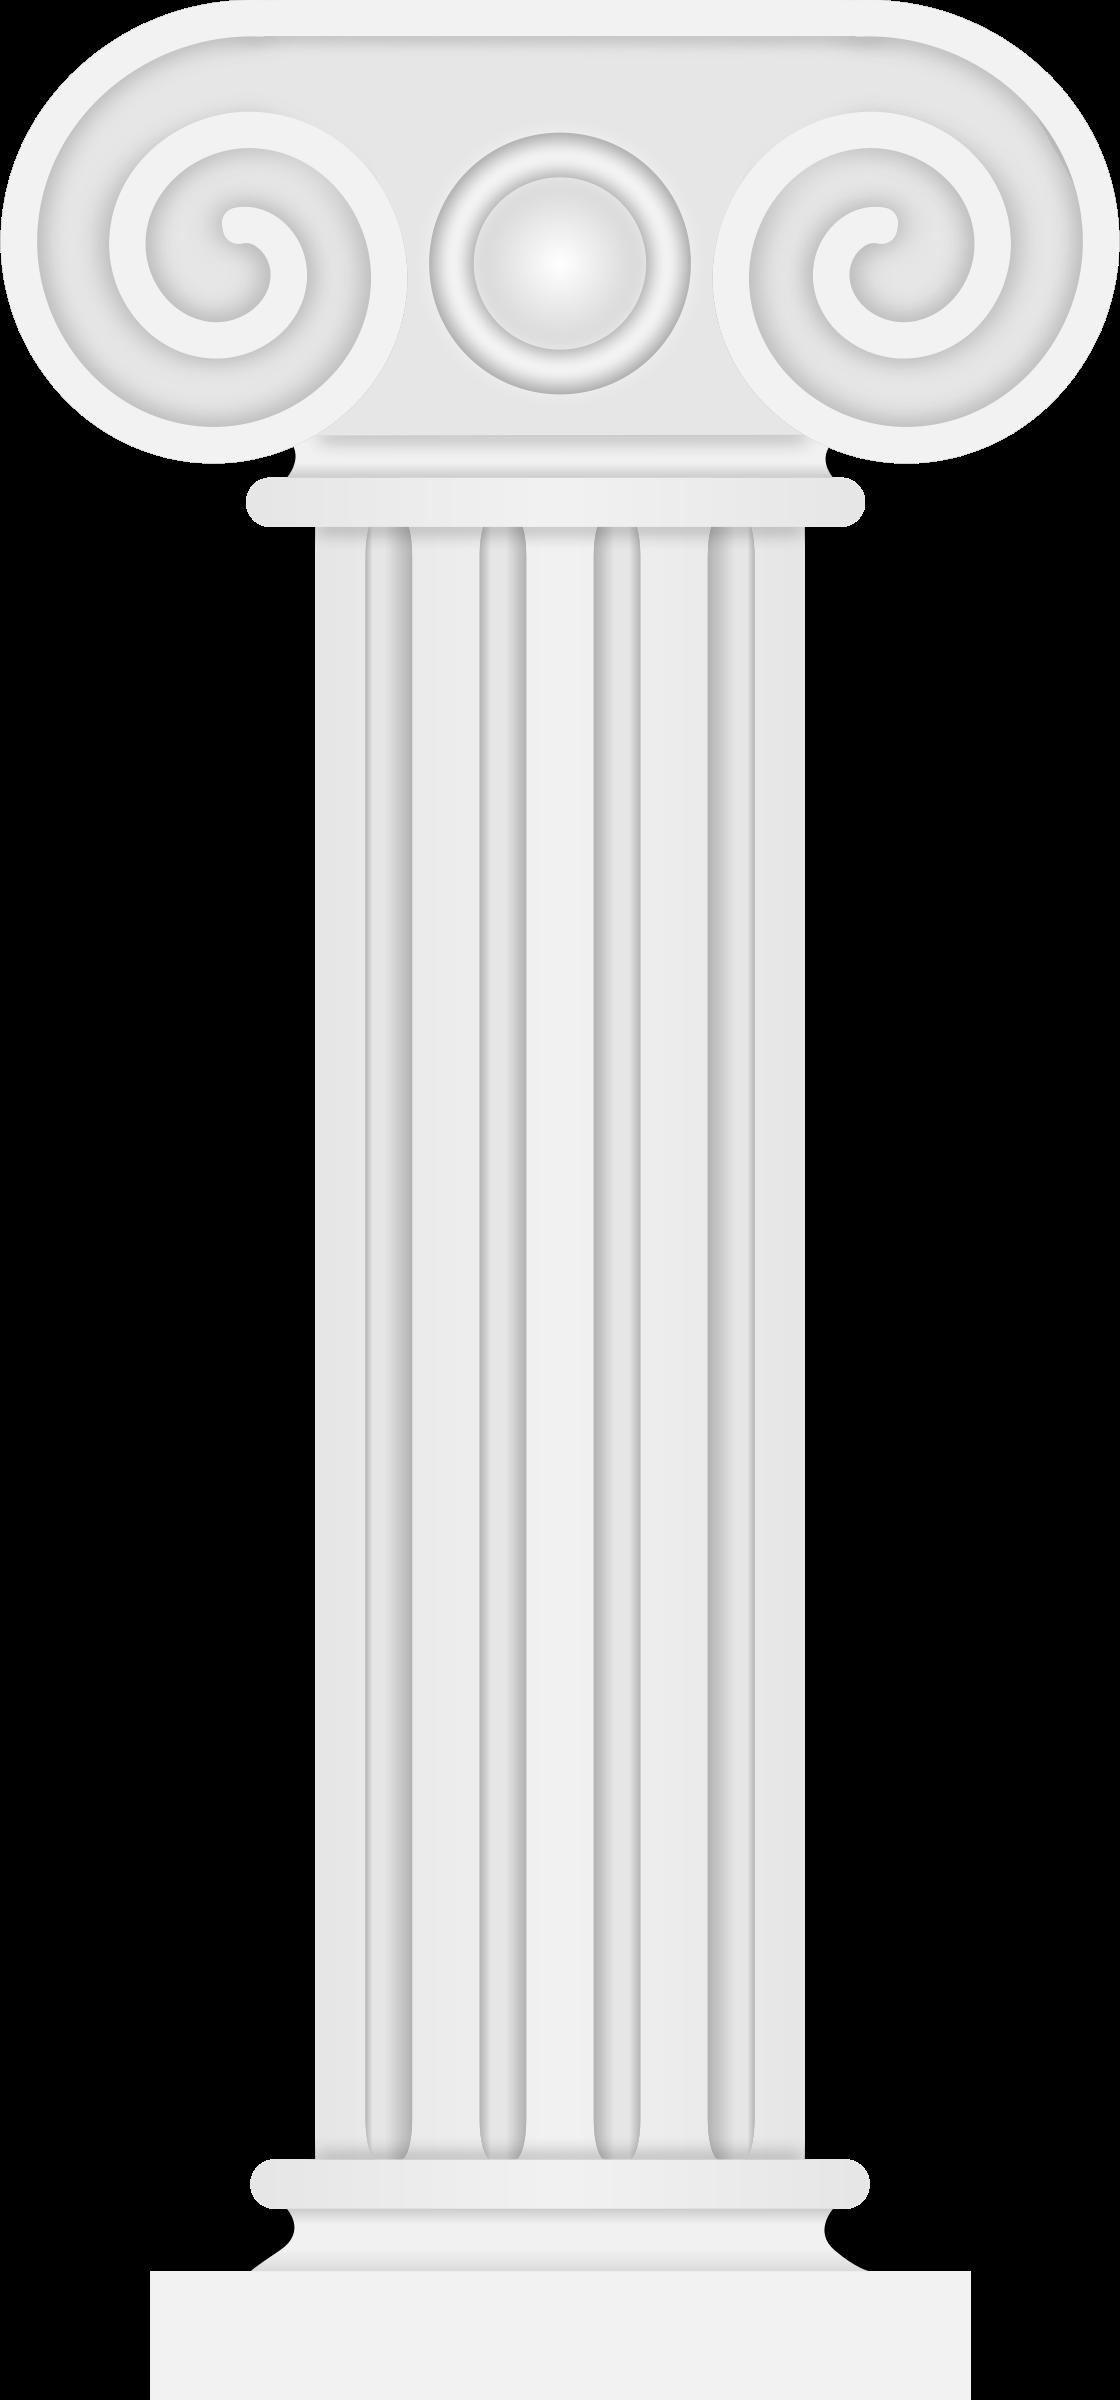 Pillar Clip Art : Pillar clipart suggest